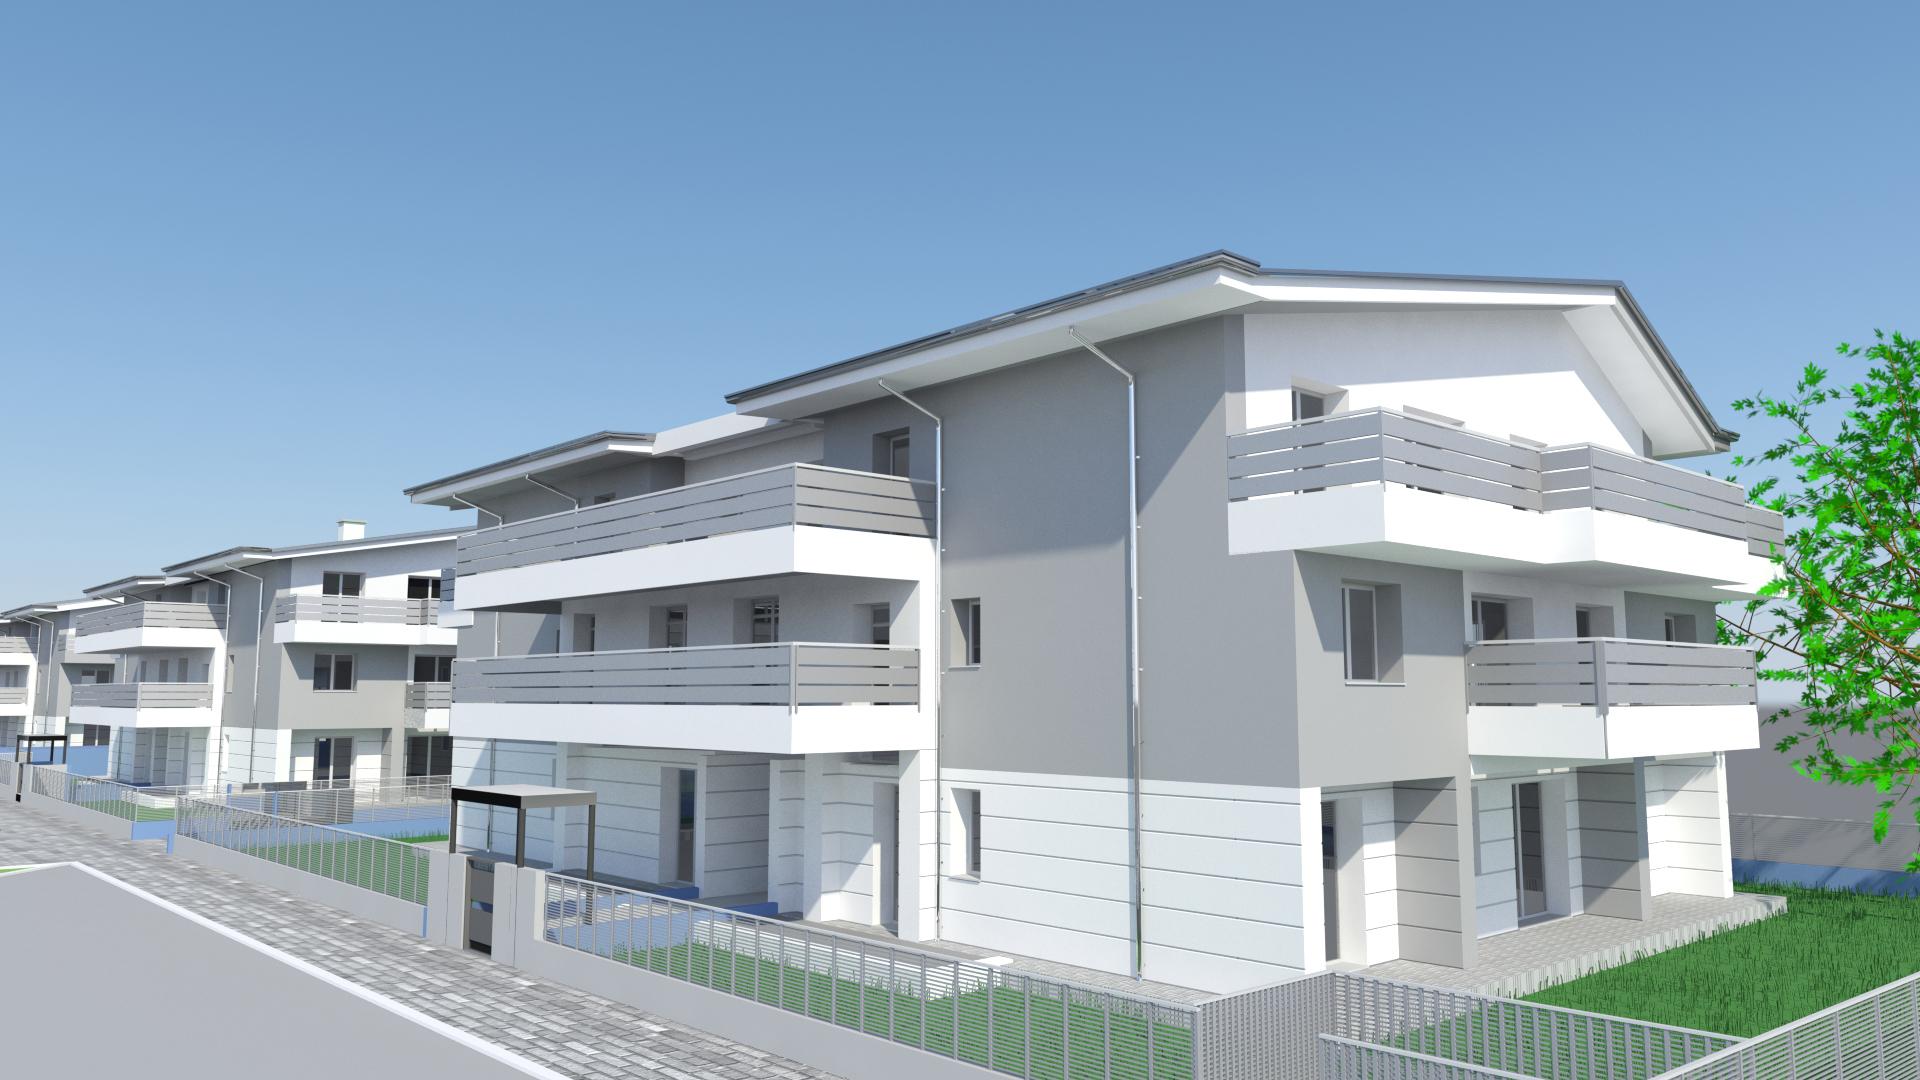 Altichiero pd lotto 8 39 appartamenti consorzio cerv for Palazzine moderne